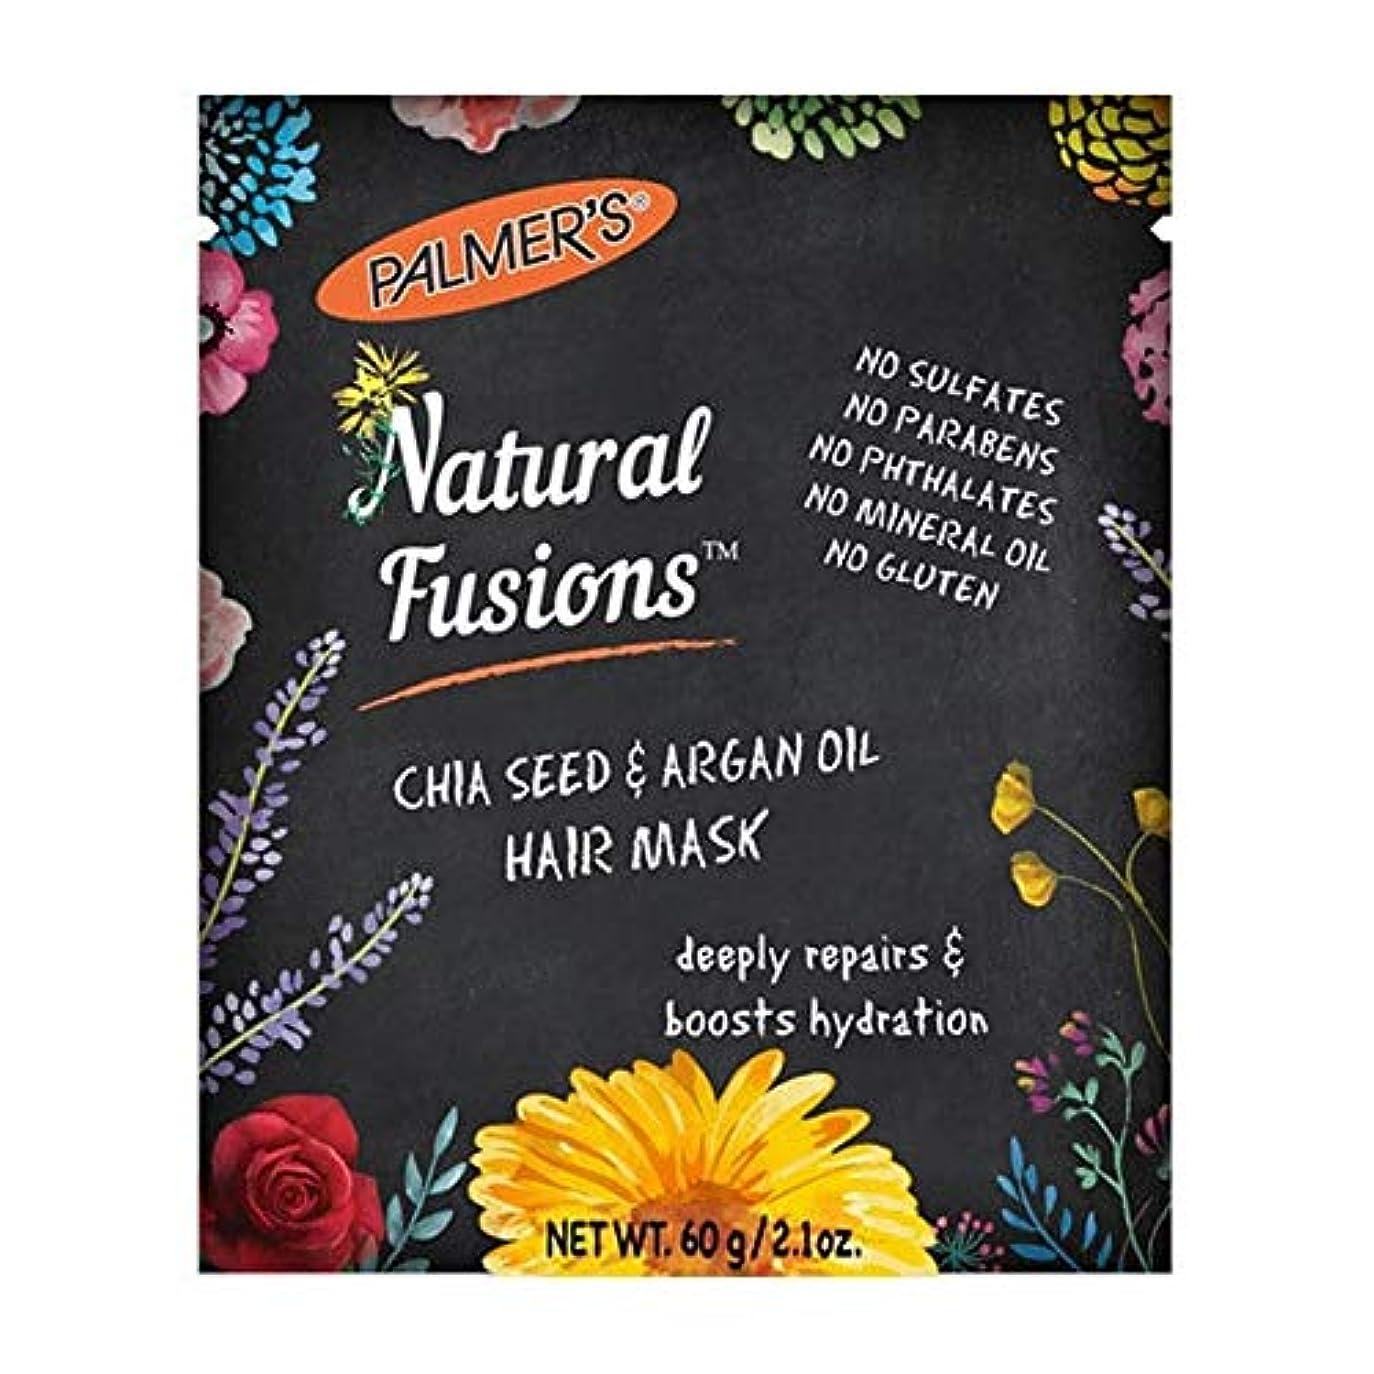 販売計画もろいプレフィックス[Palmer's ] パーマーの自然な融合チアシード&アルガンオイルヘアマスク60グラム - Palmer's Natural Fusions Chia Seed & Argan Oil Hair Mask 60g [...